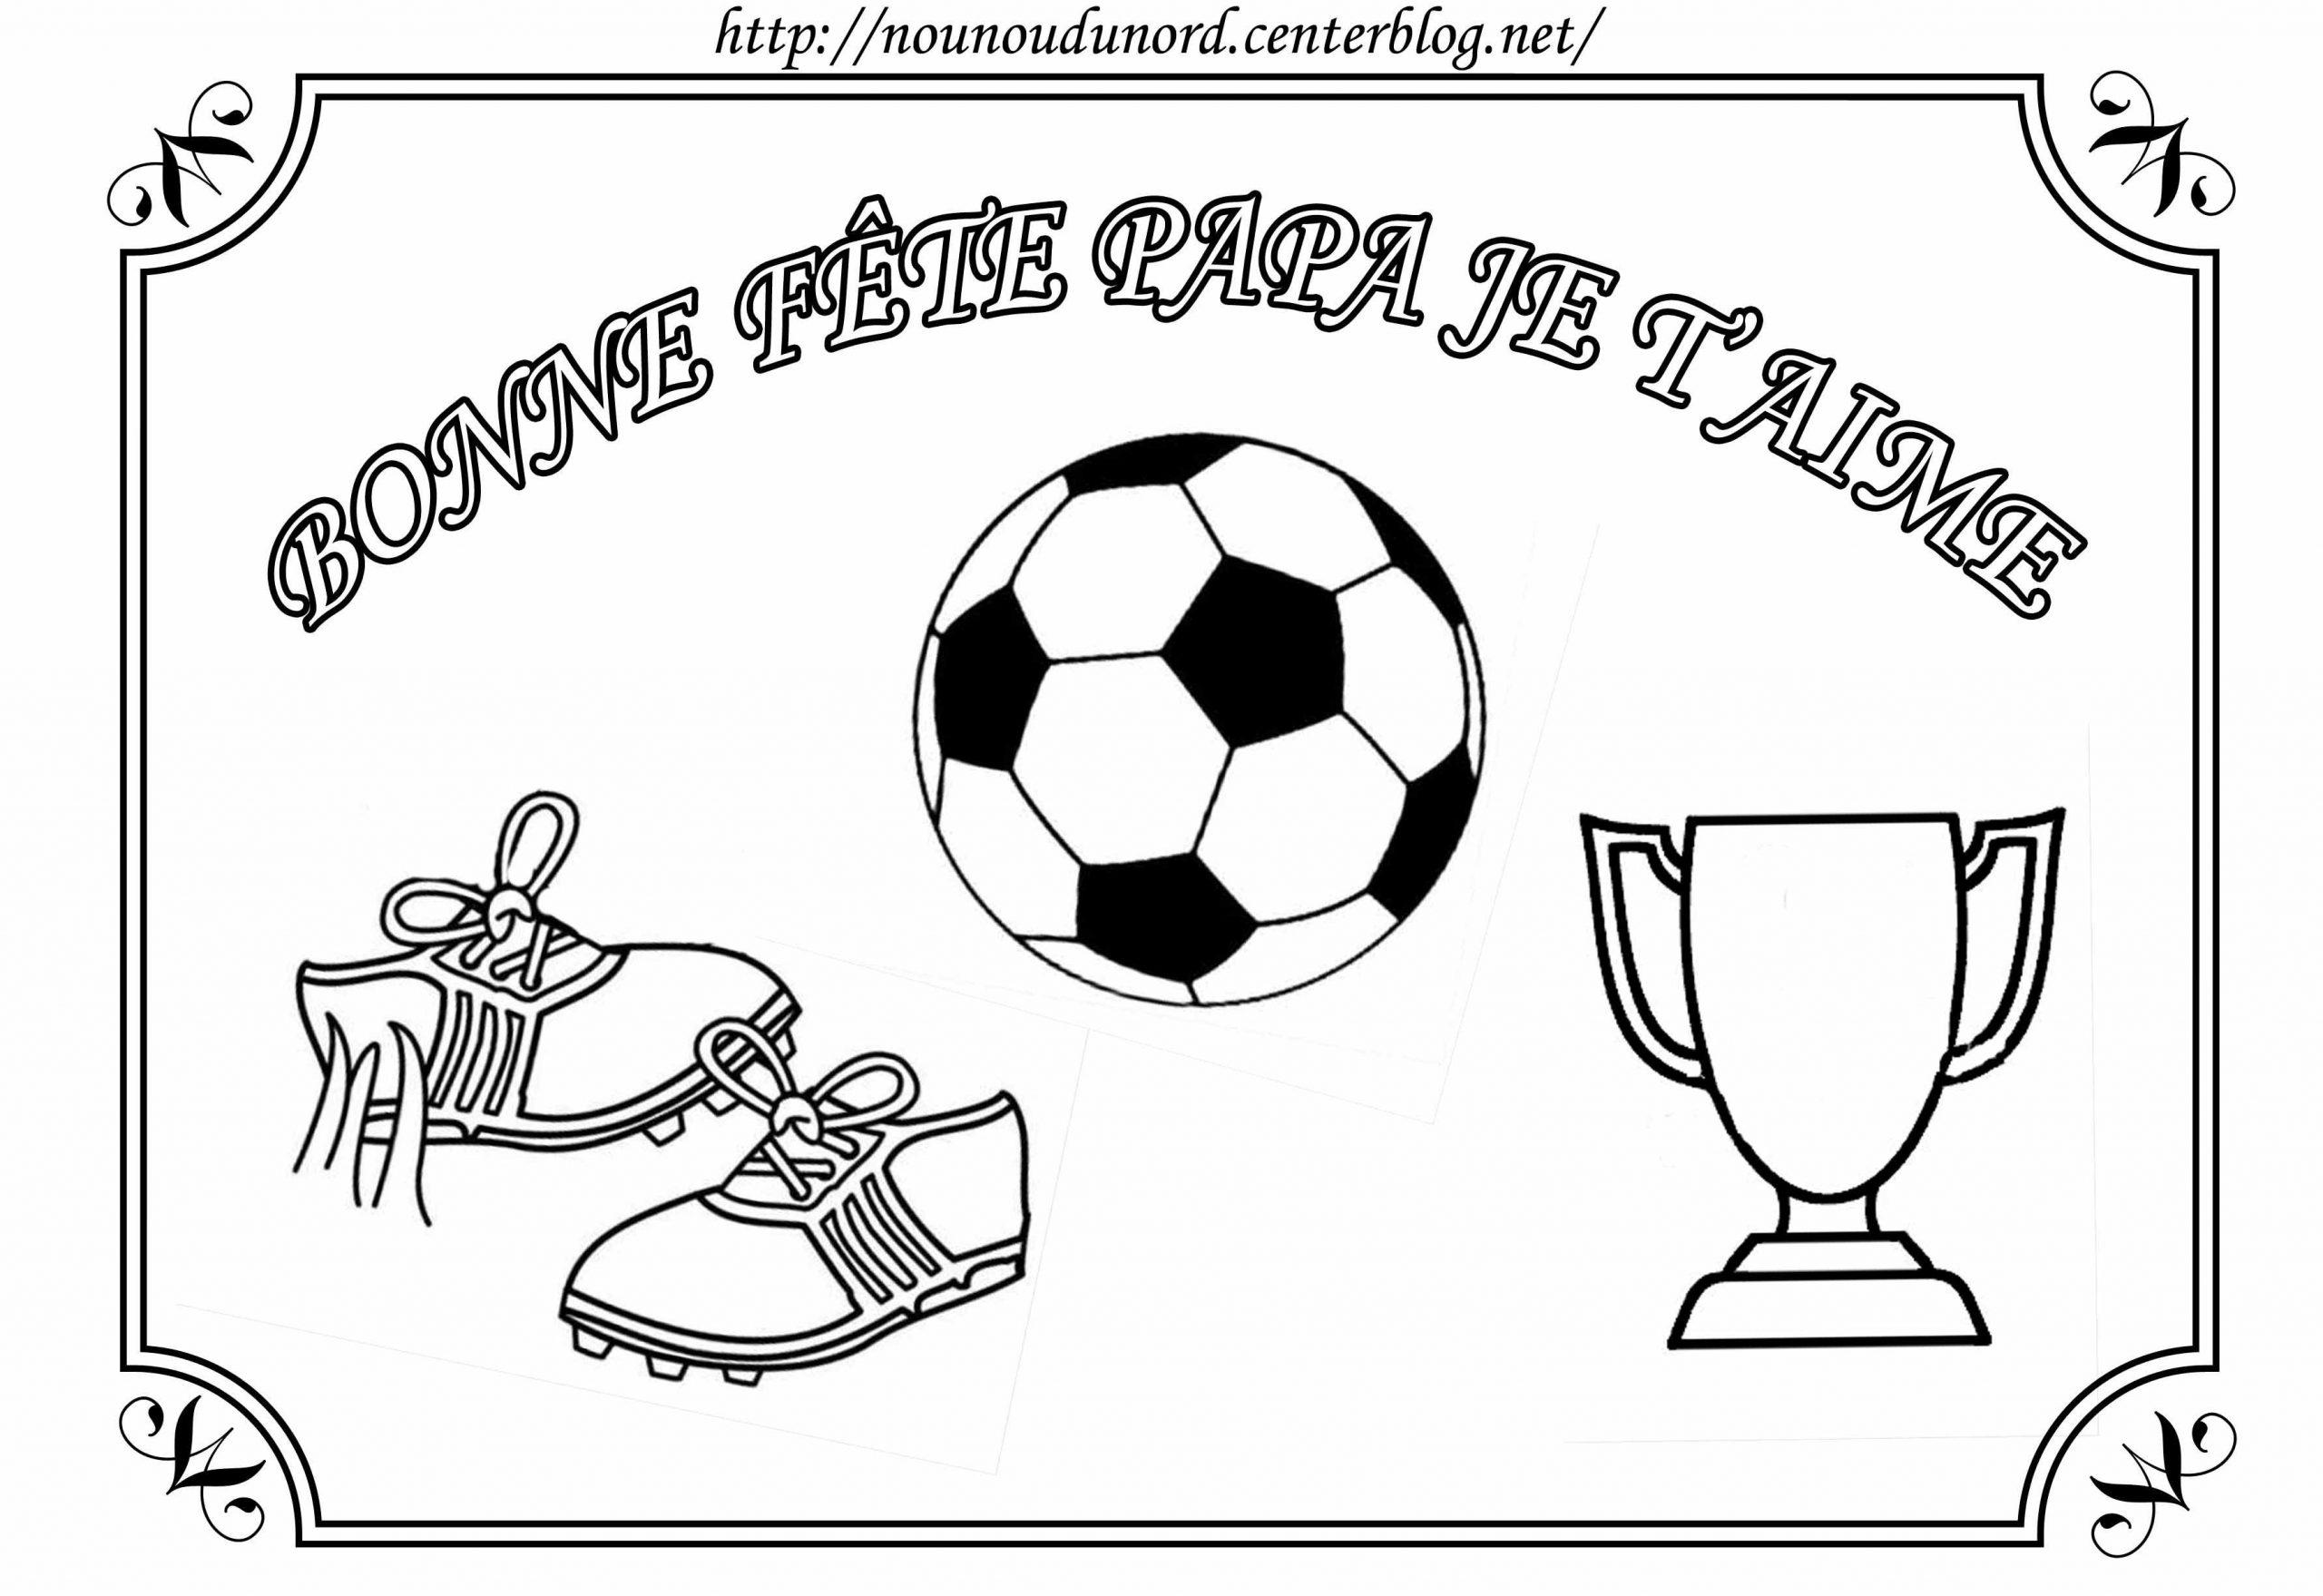 Coloriage Foot Pour La Fête Des Pères Par Nounoudunord destiné Coloriage De Foot En Ligne